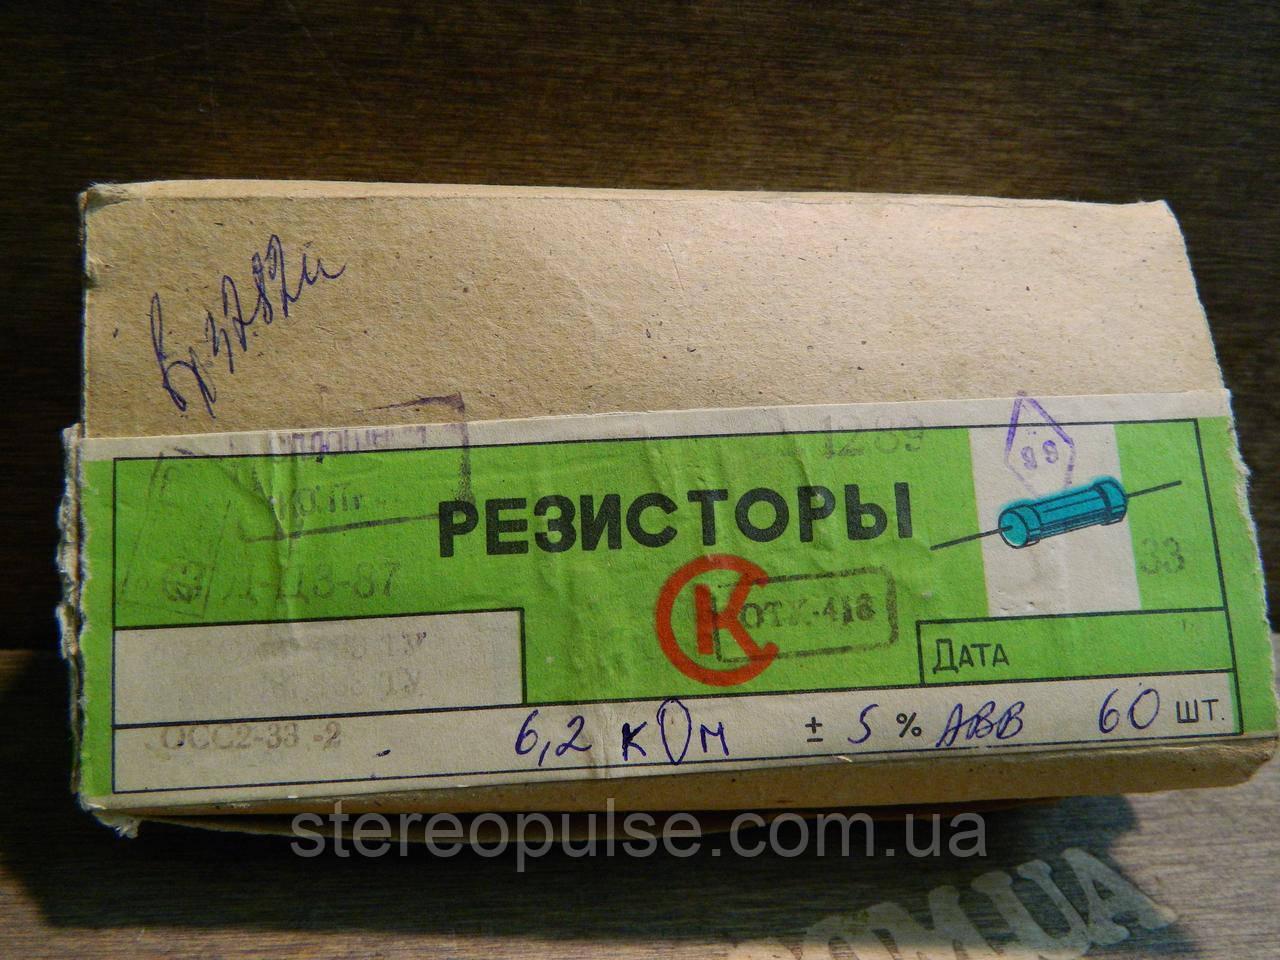 Резистор   МТ - 2   6.2 кОм  5%